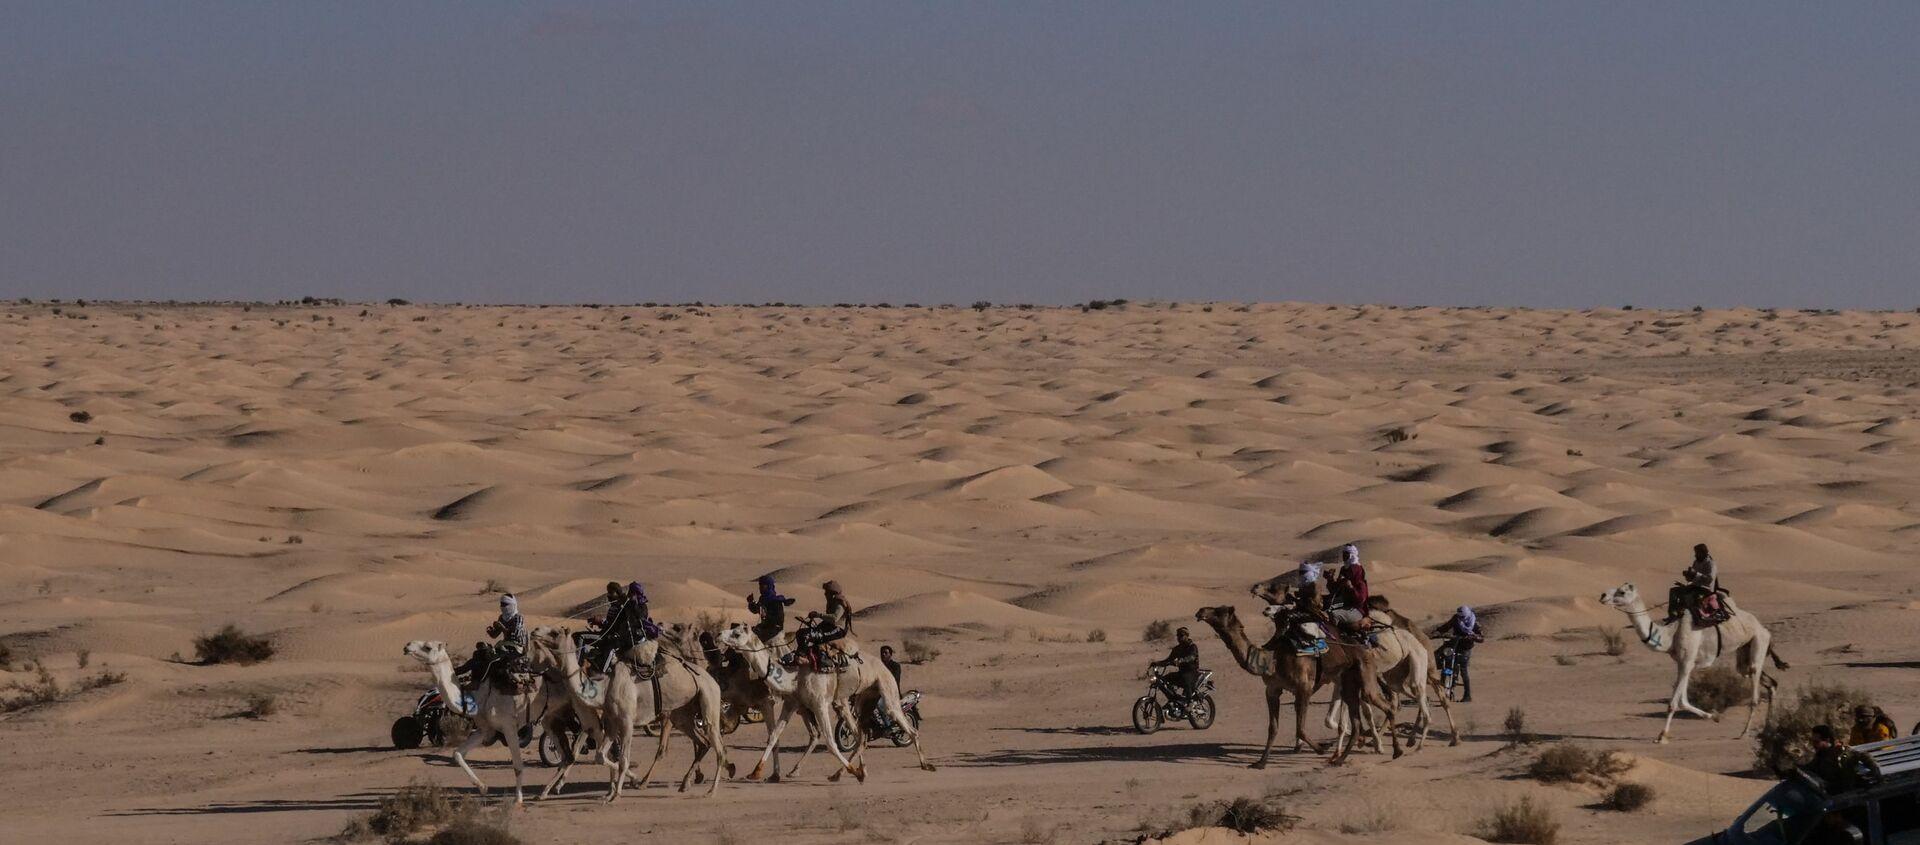 Le désert du Sahara, aux abords de la localité de Douz (Tunisie) - Sputnik France, 1920, 17.12.2020